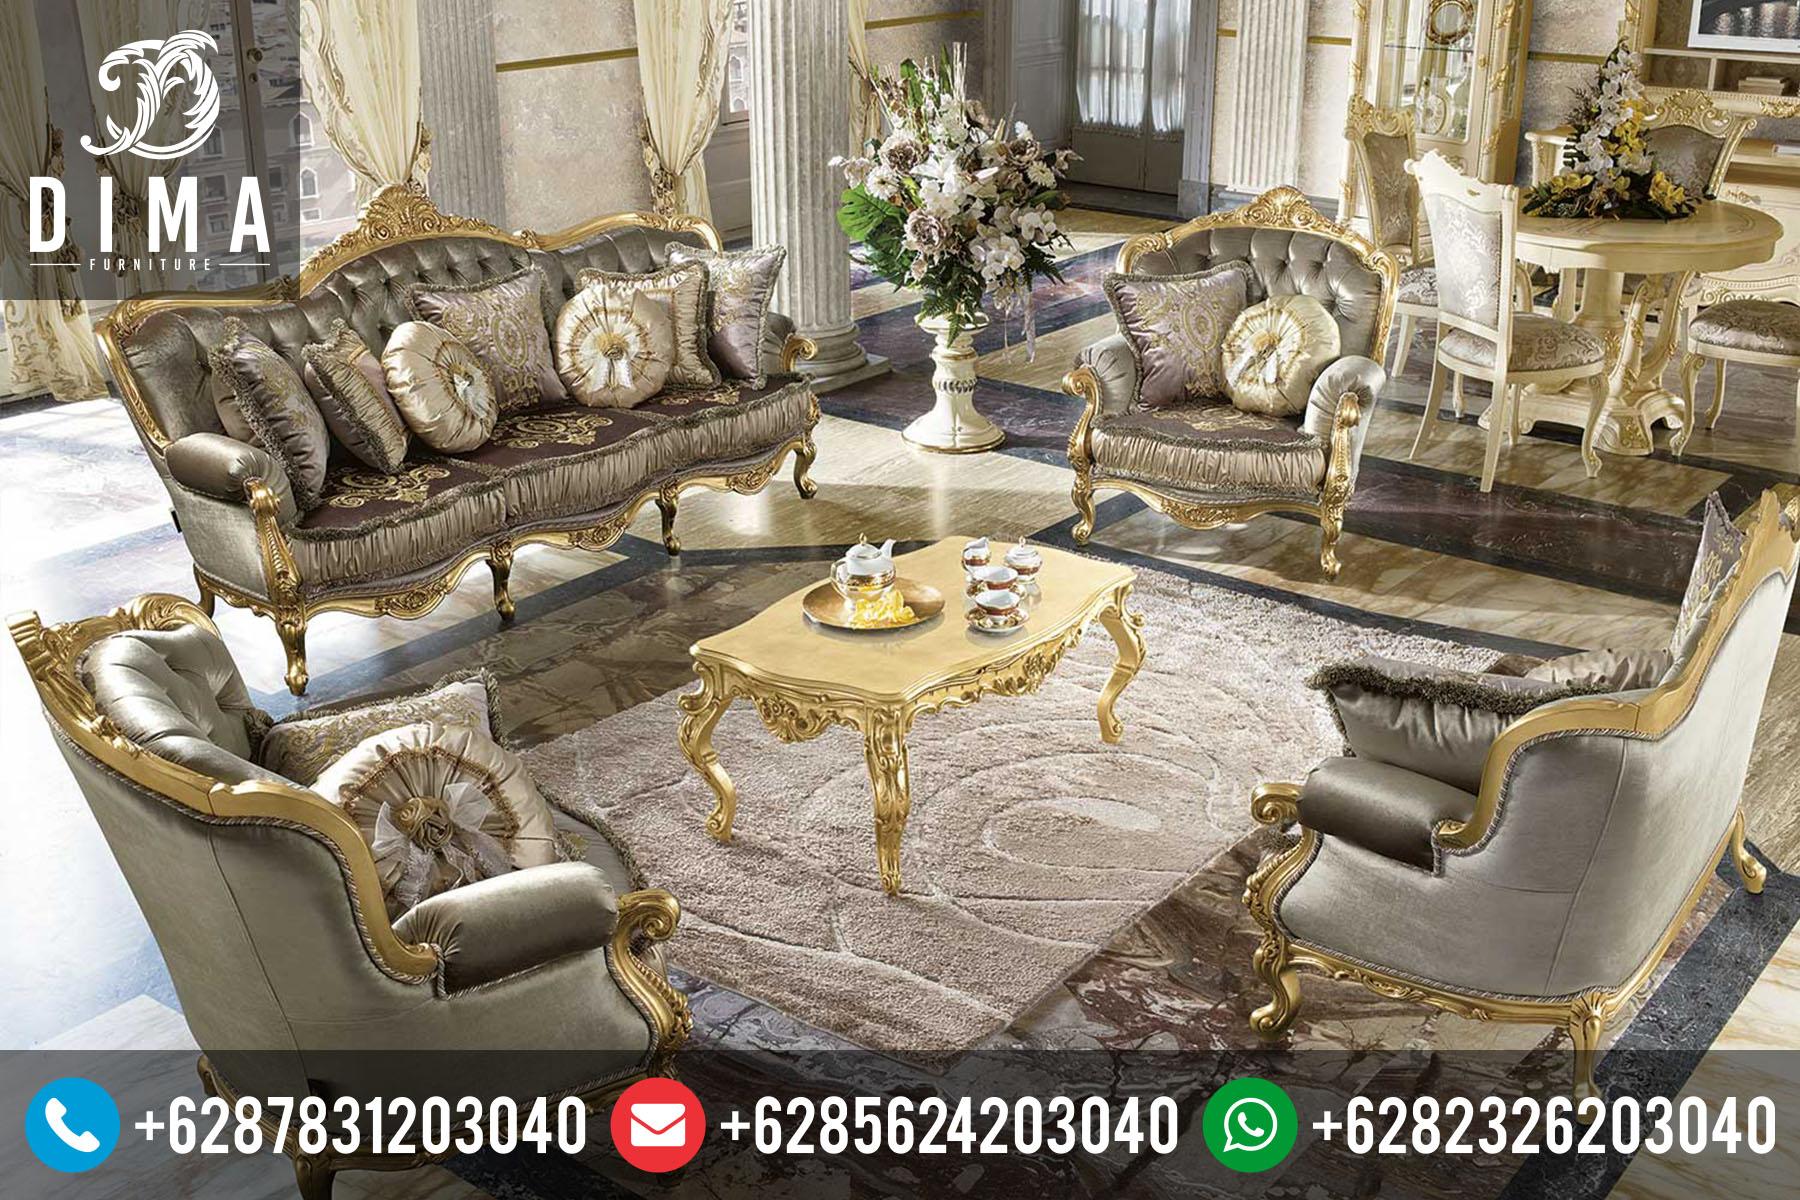 Mebel Jepara Set Kursi Sofa Tamu Klasik Italian Terbaru Mewah Murah ST-0058